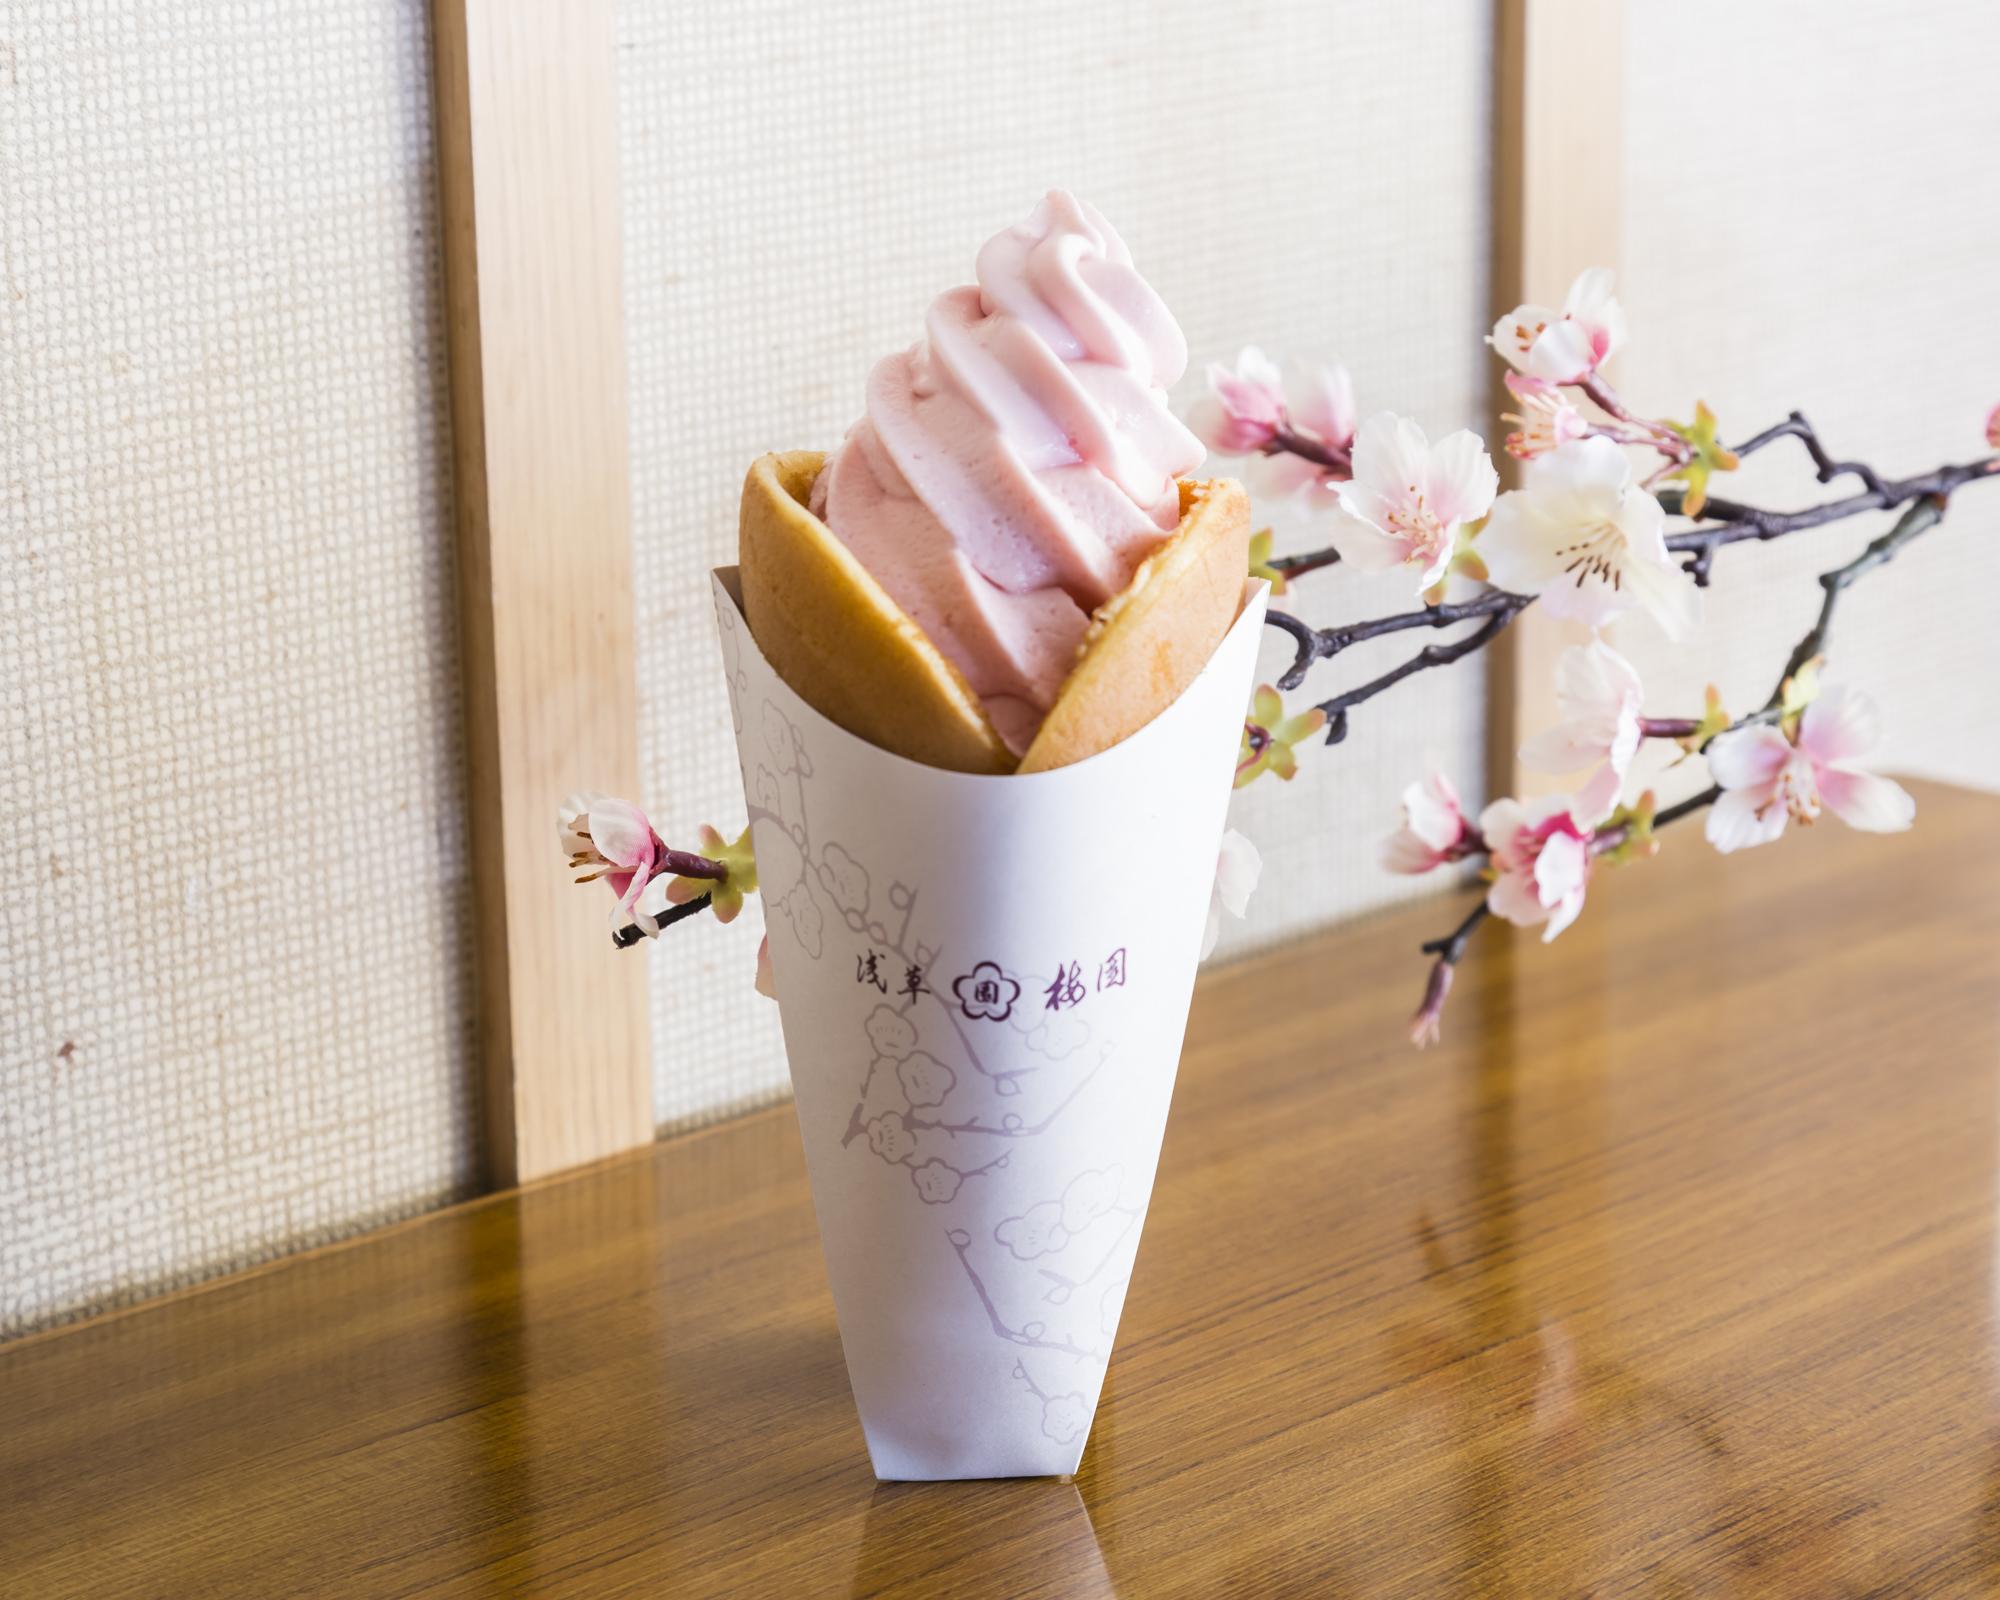 桜スイーツ特集《2019年版》- 限定グルメやスタバの新作、お花見グルメも!_27